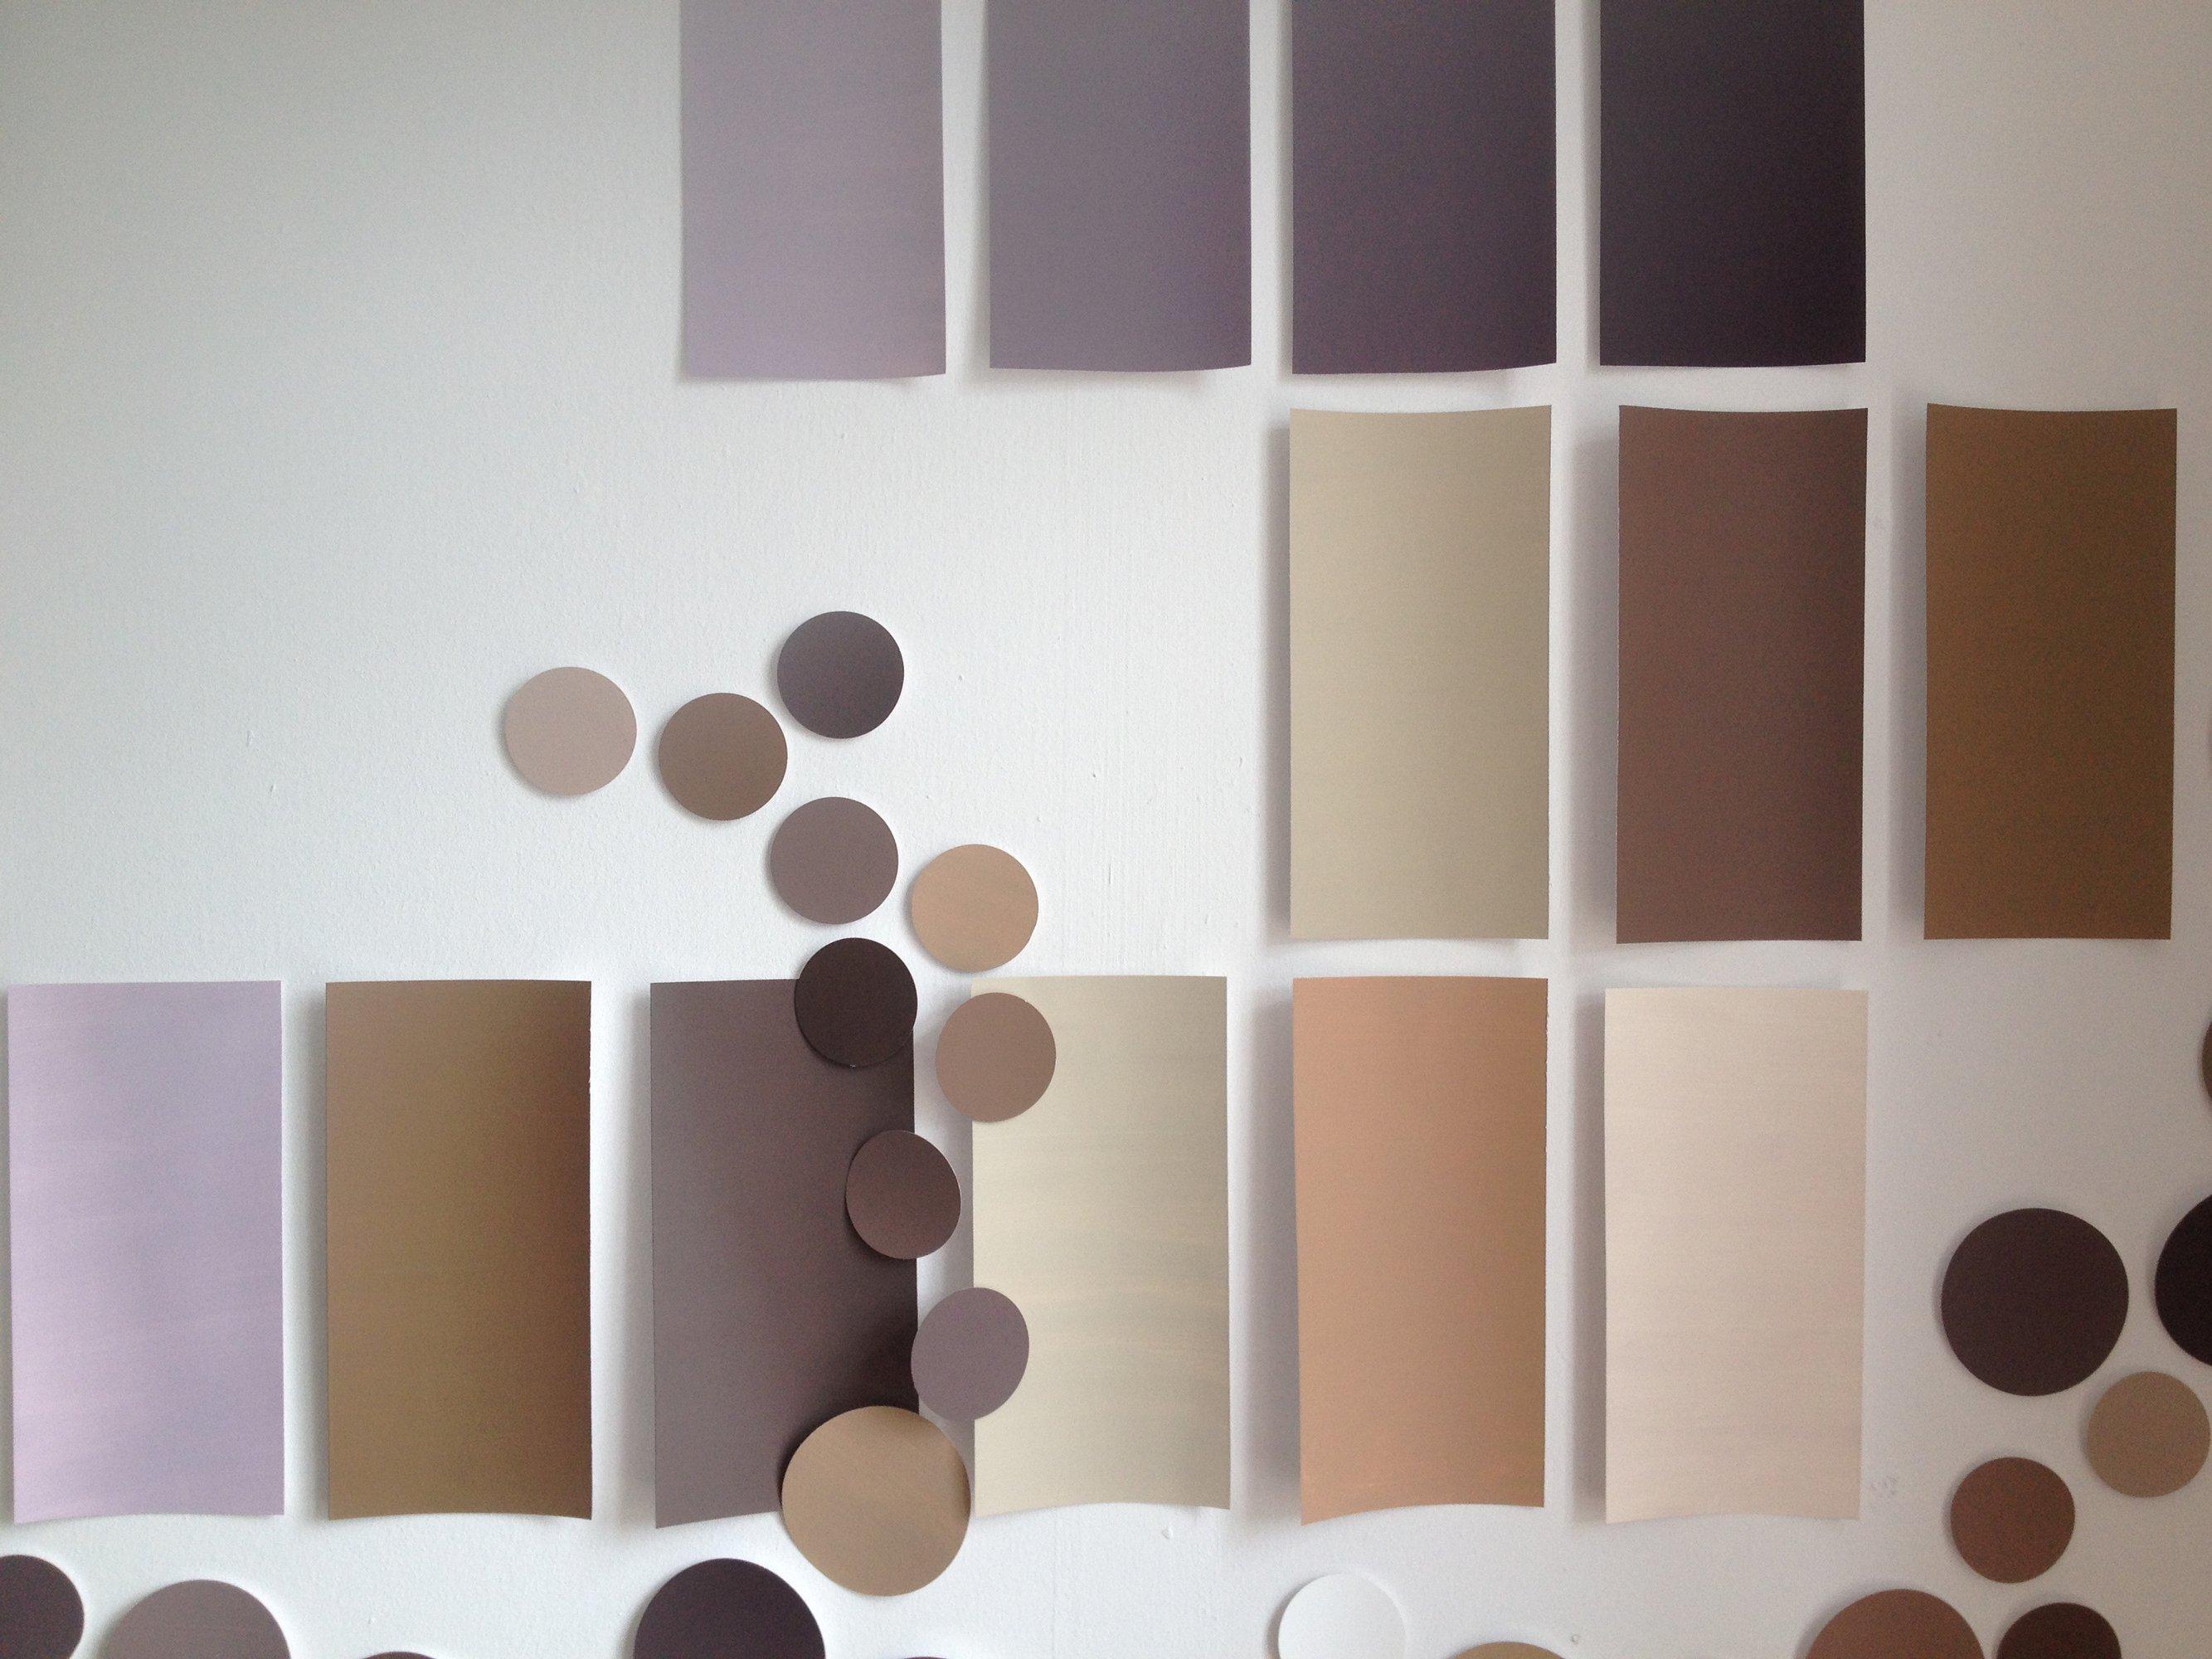 andrea müller-landolt farbgestaltung - farbkarten - farbkarten